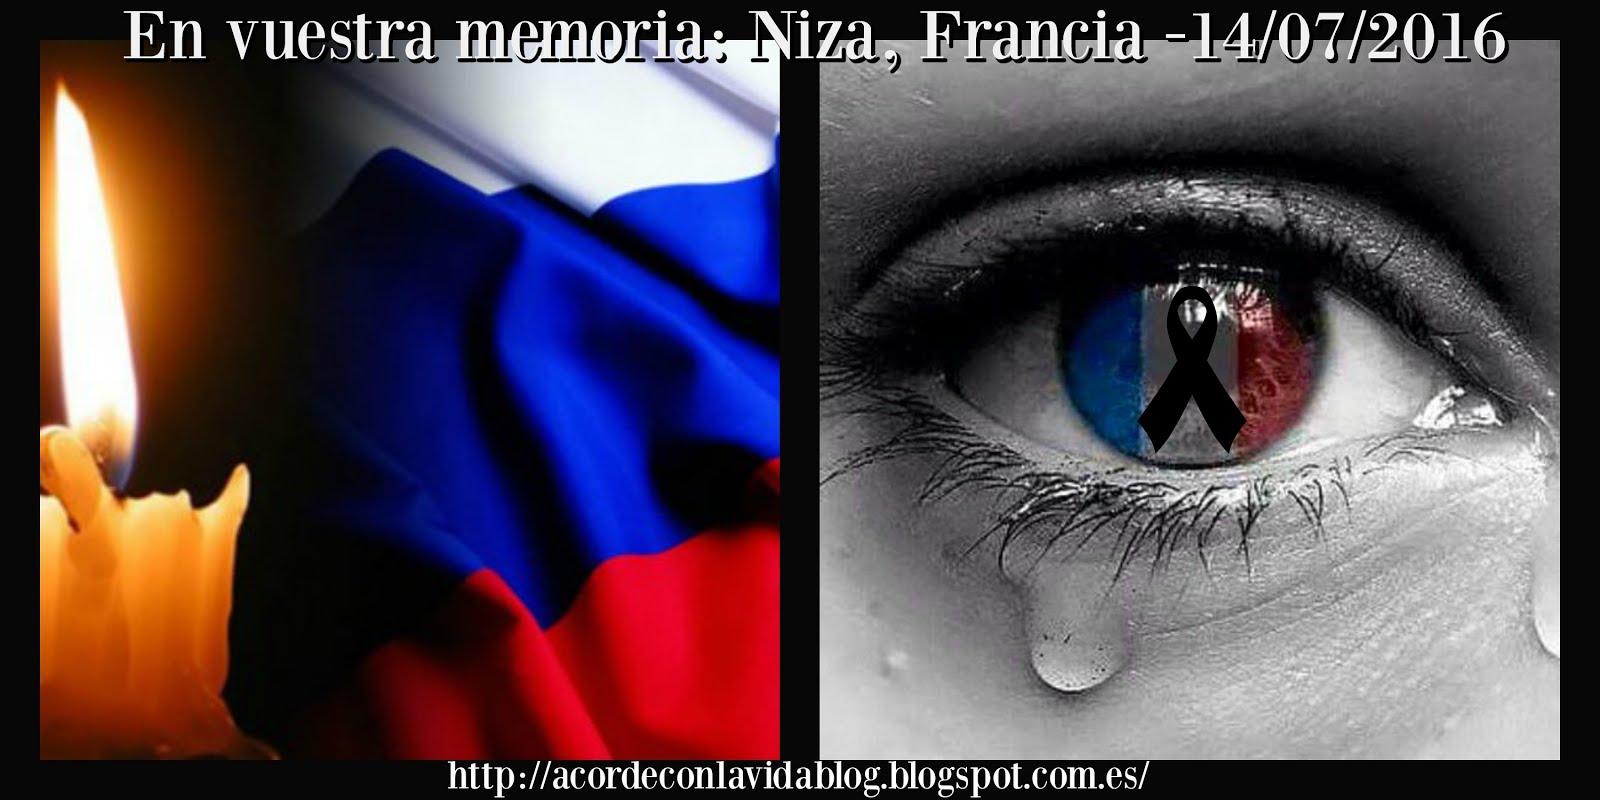 * En Vuestra Memoria *